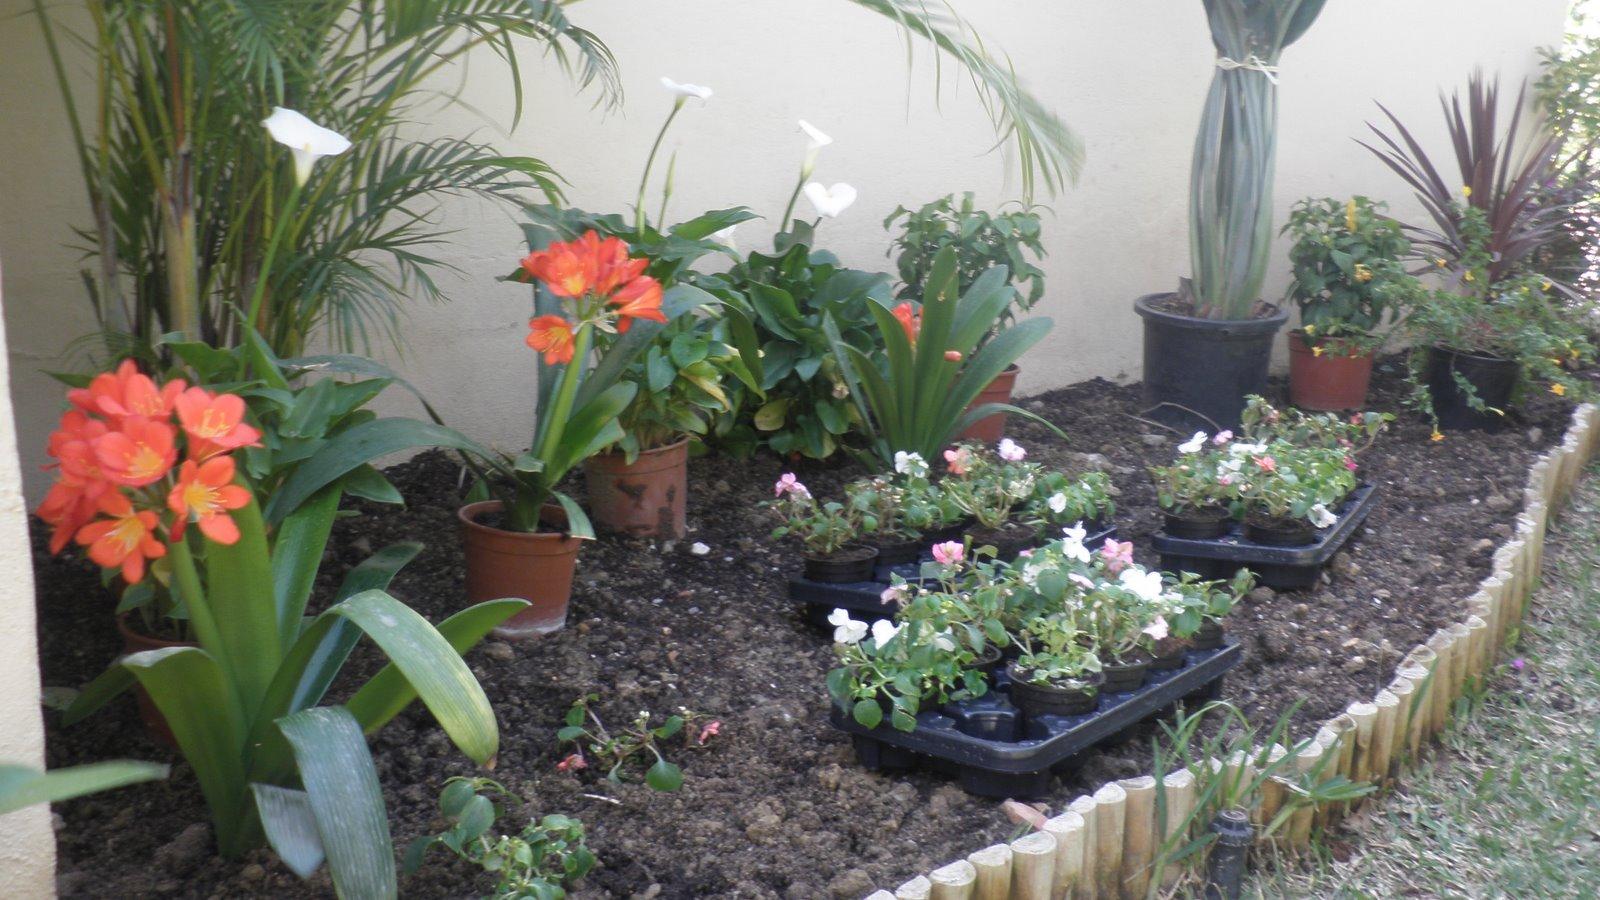 jardinbio jardin peque o especies y cantidades